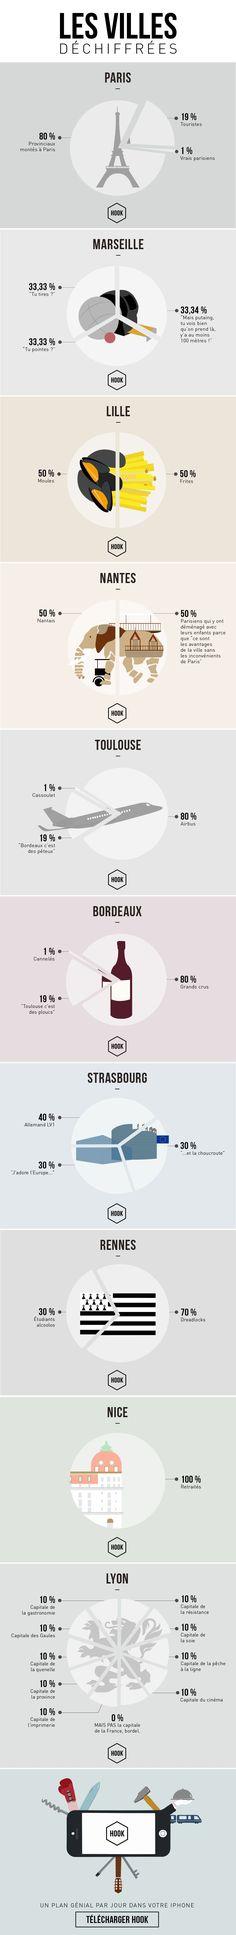 L'infographie du jour : les clichés les plus répandus sur les grandes villes... - Grazia